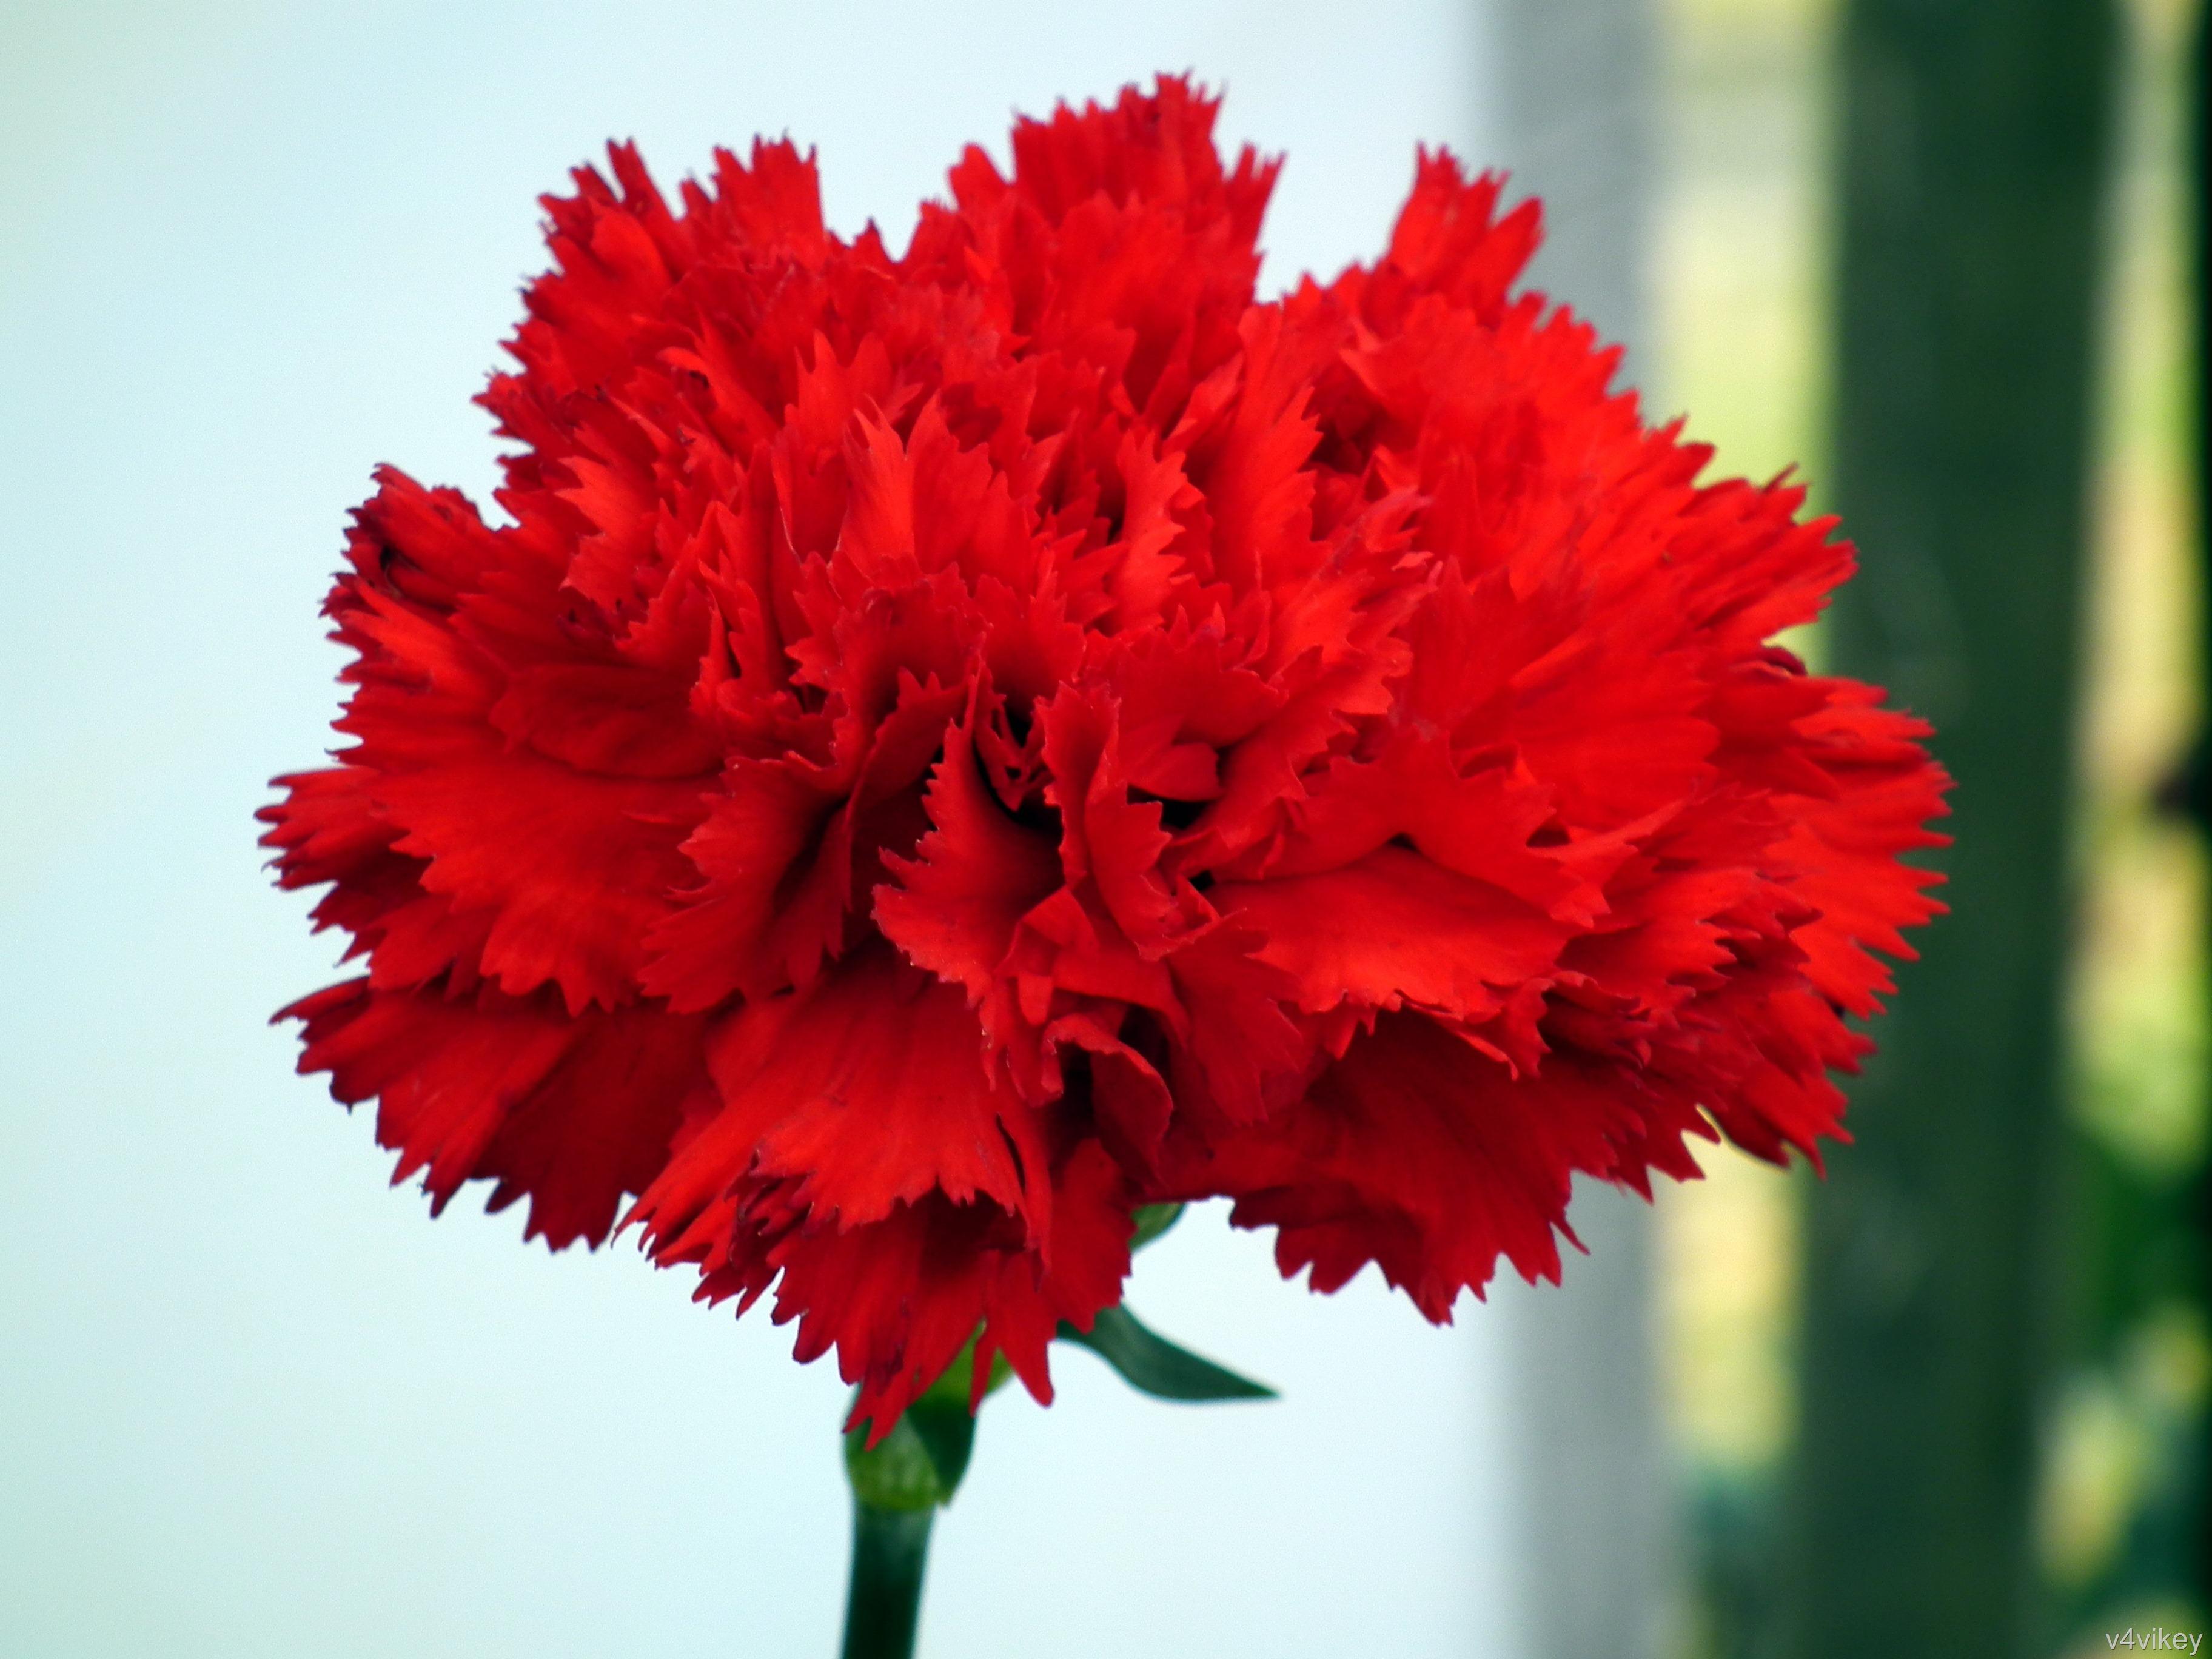 Red Carnation Flower HD Wallpaper « Wallpaper Tadka